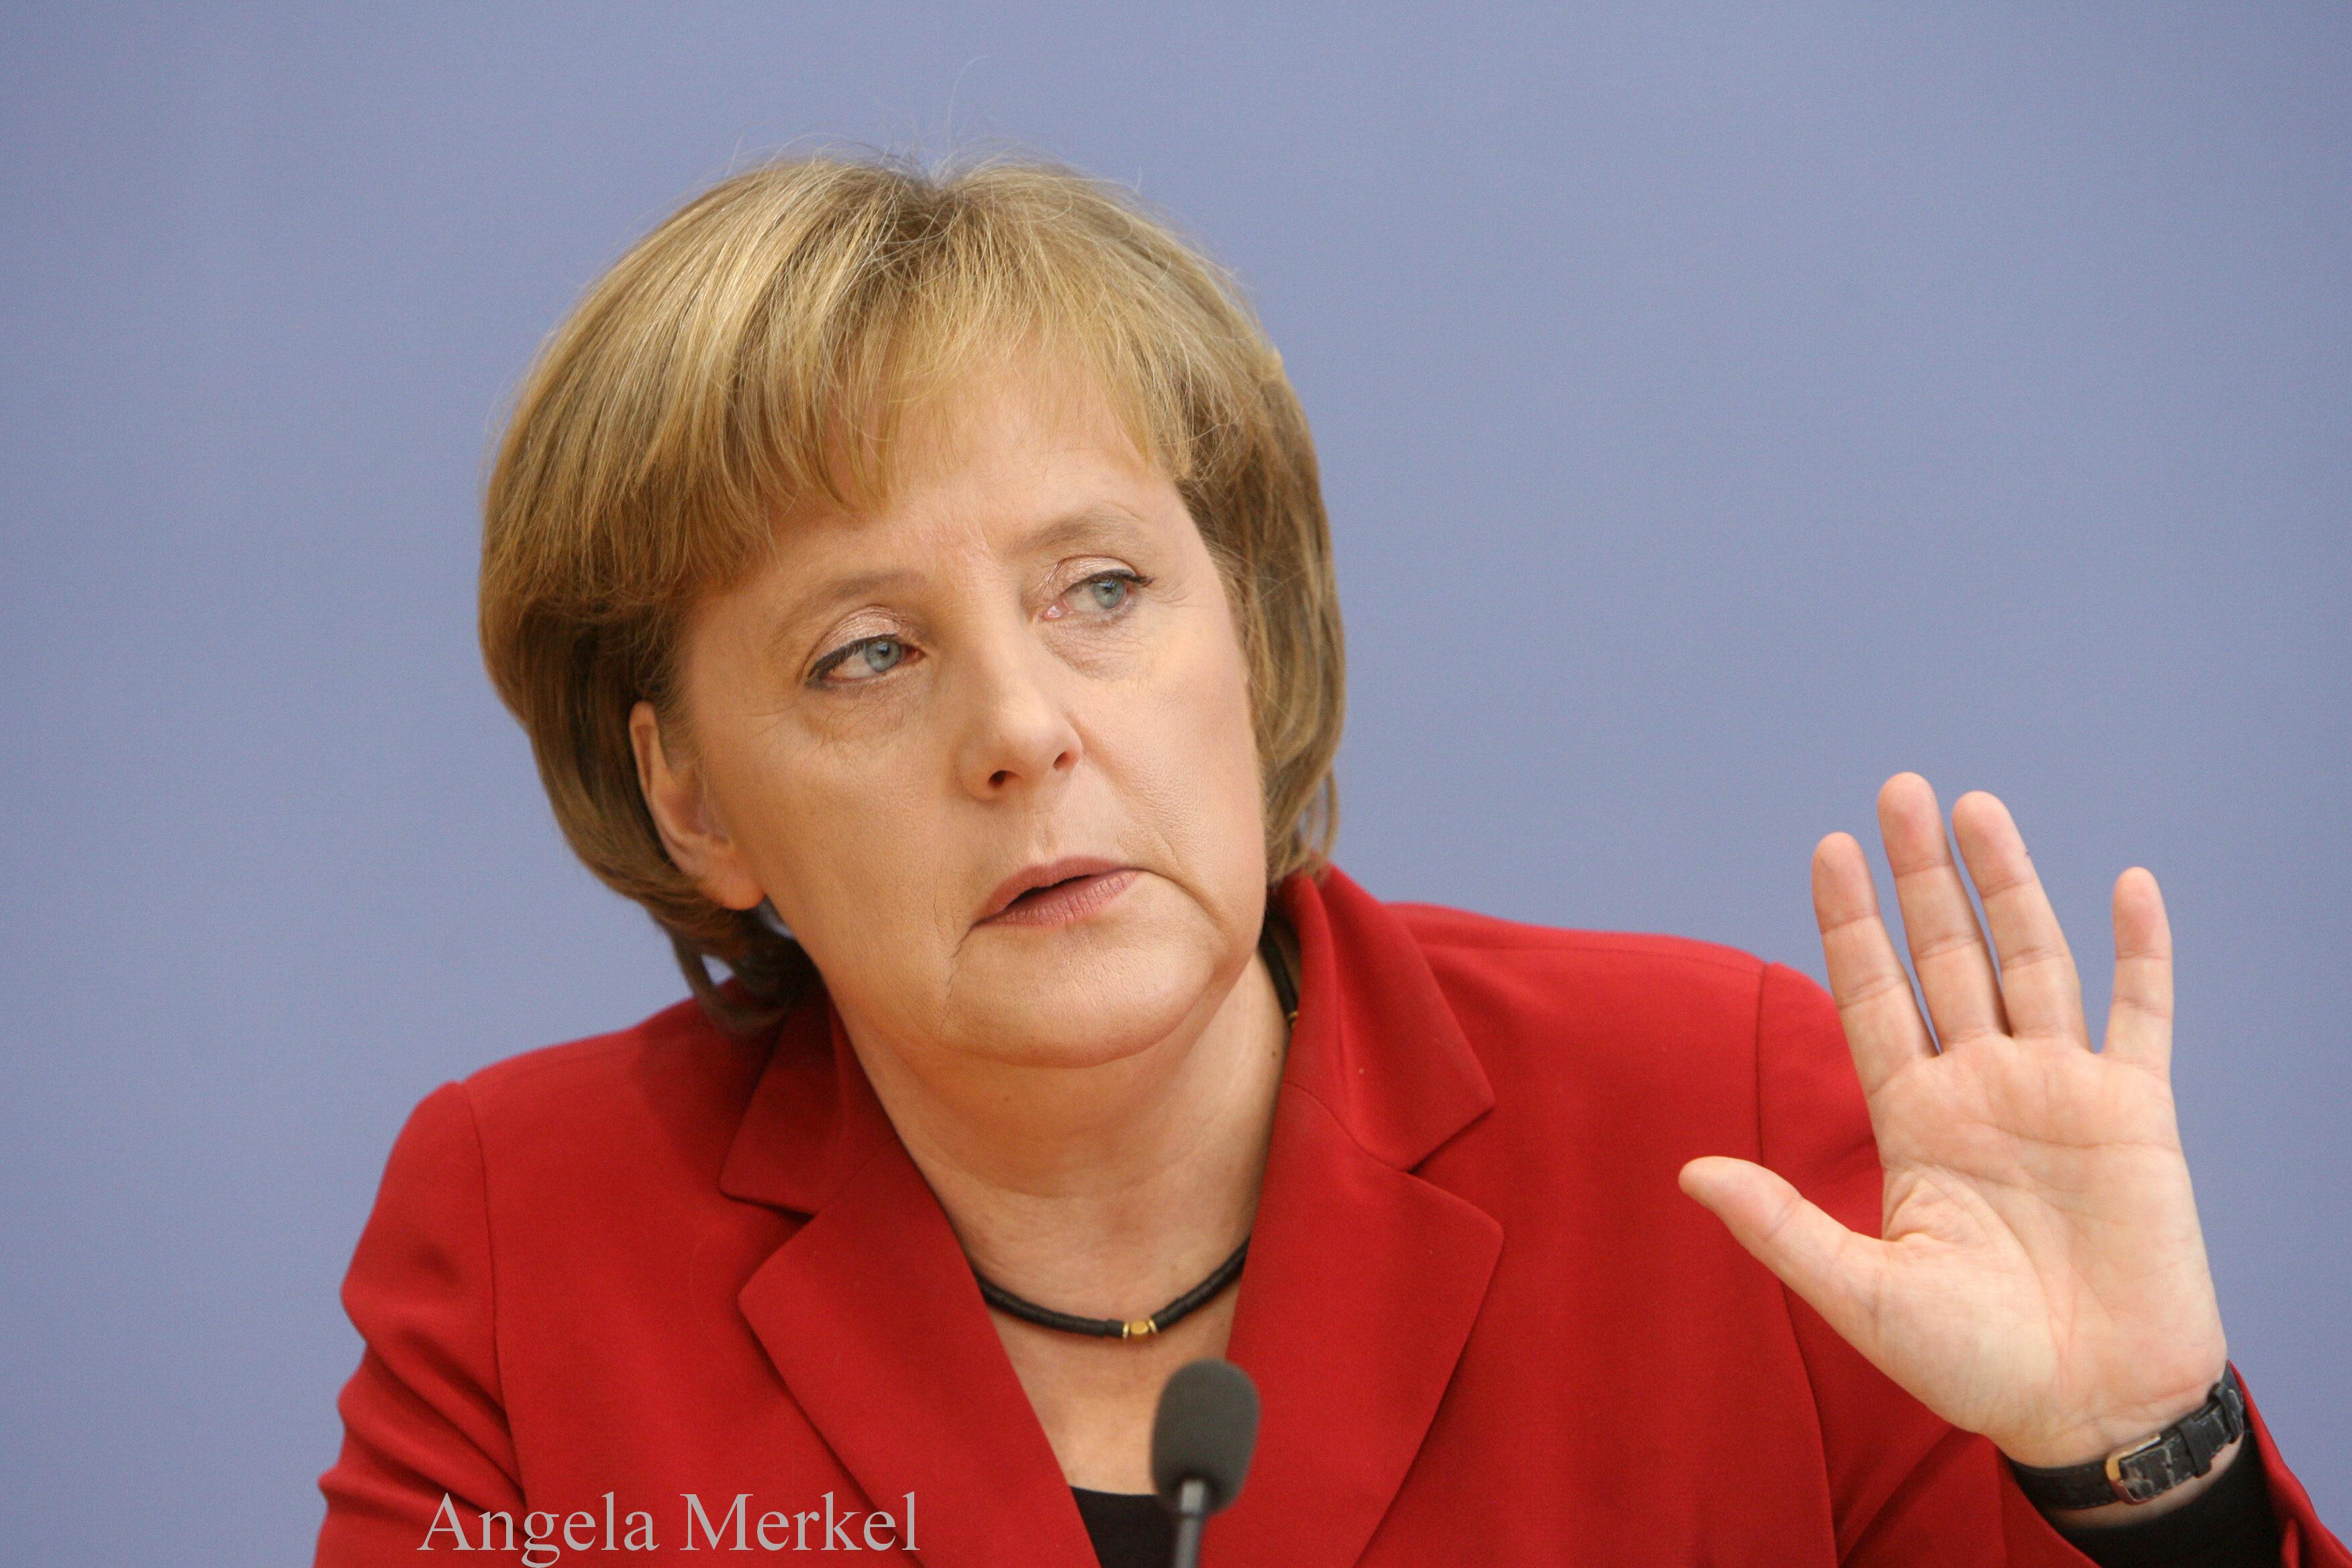 Εκπρόσωπος Μέρκελ: Το θέμα των γερμανικών αποζημιώσεων έχει κλείσει